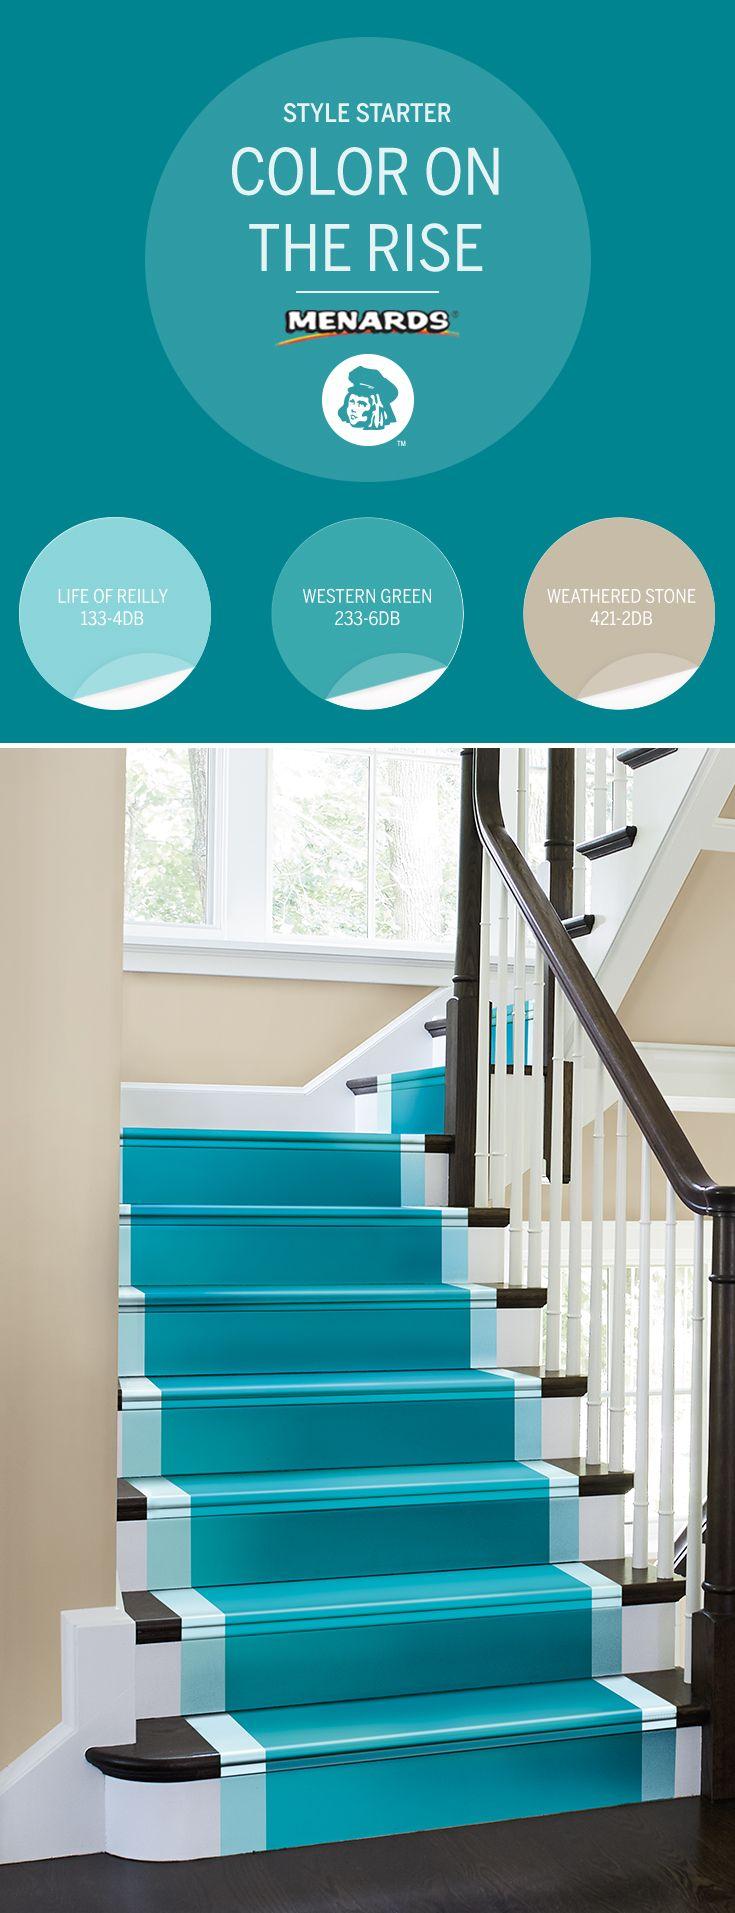 Dutch Boy Porch And Floor Paint : dutch, porch, floor, paint, Simple, Staircase, Flair, Double, Stripe, Bright, Color., Look,, Chose, Bathroom, Paint, Colors,, Menards, Living, Colors